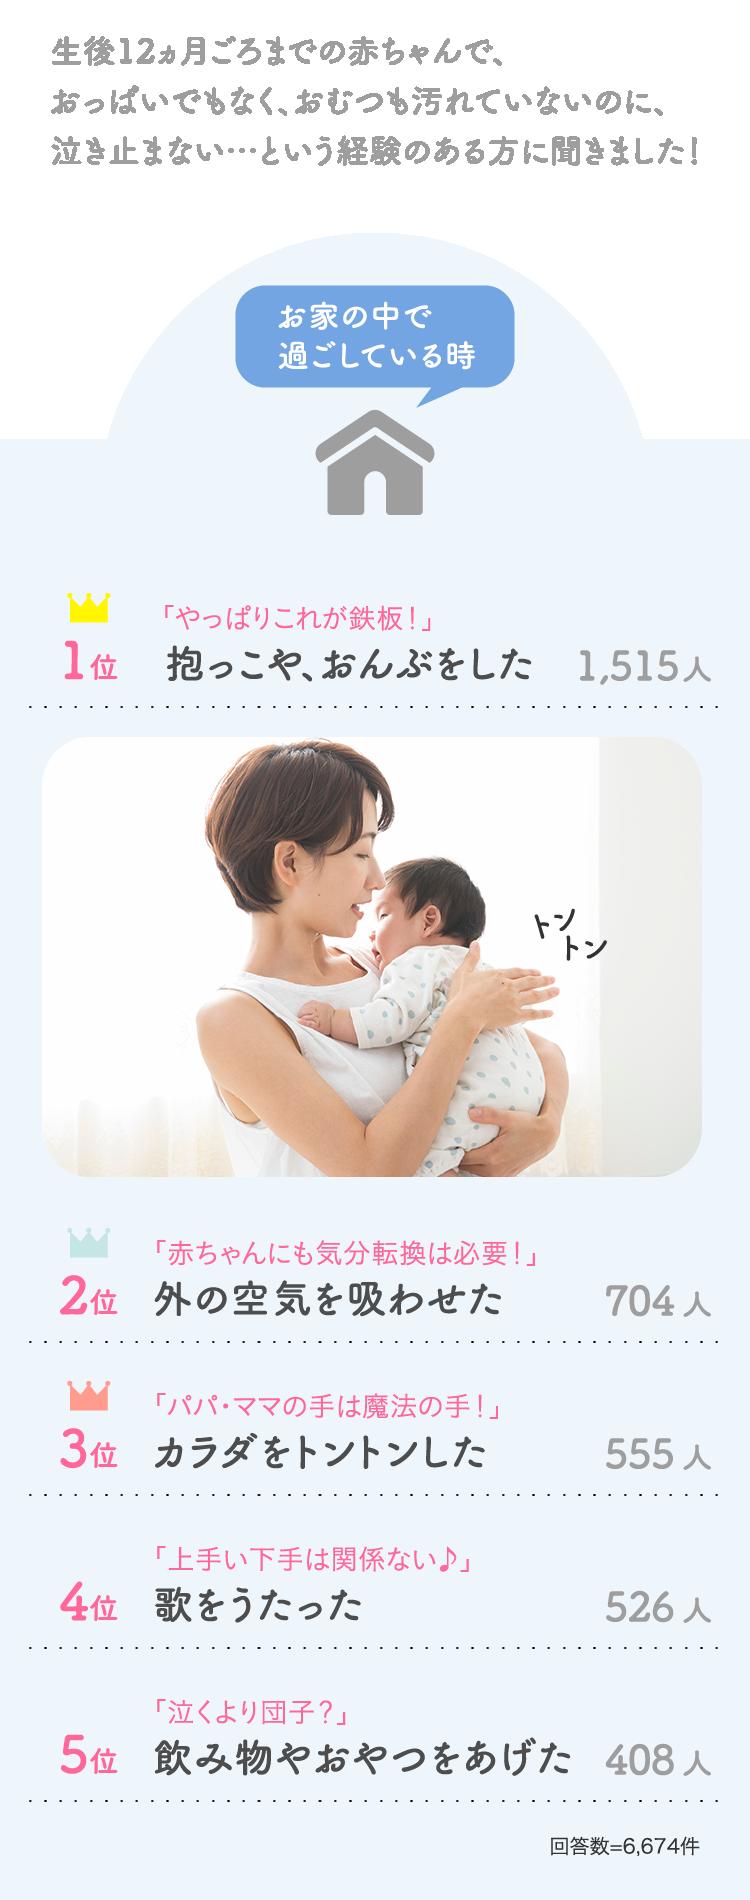 ない 止ま 赤ちゃん 泣き